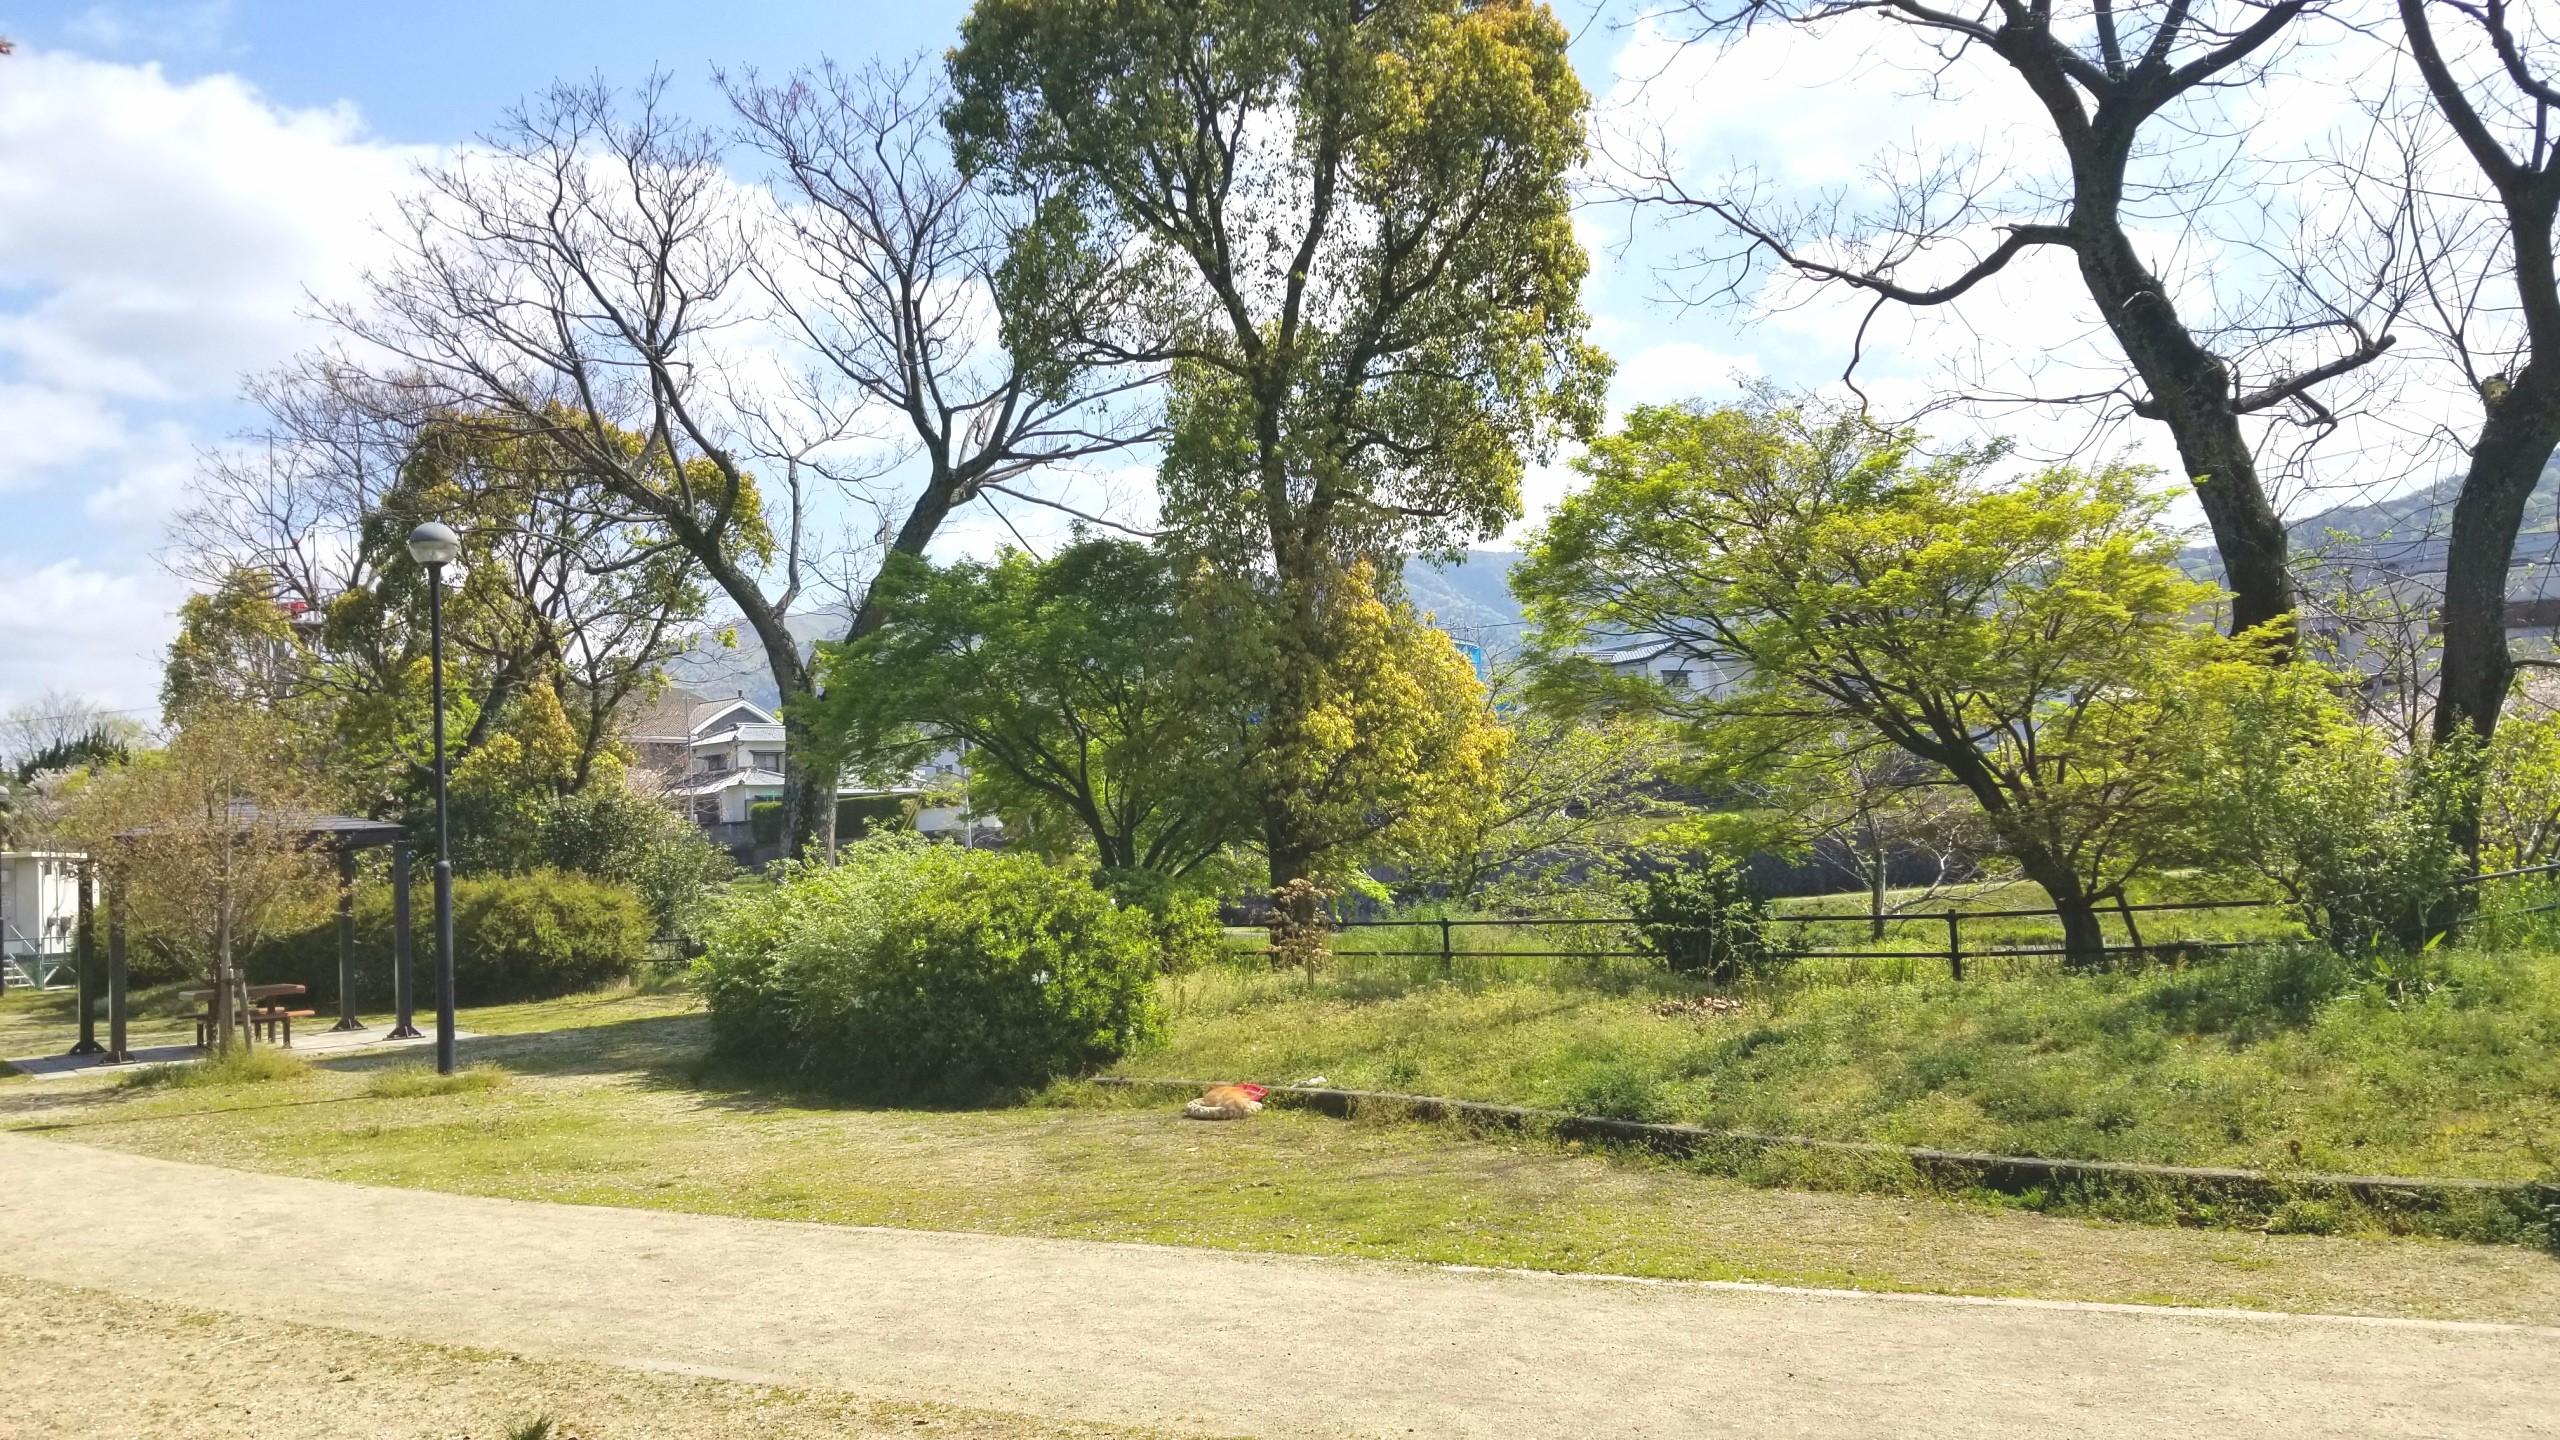 おばといとこ,公園広場散歩お出かけペット愛犬病気天気がいい日